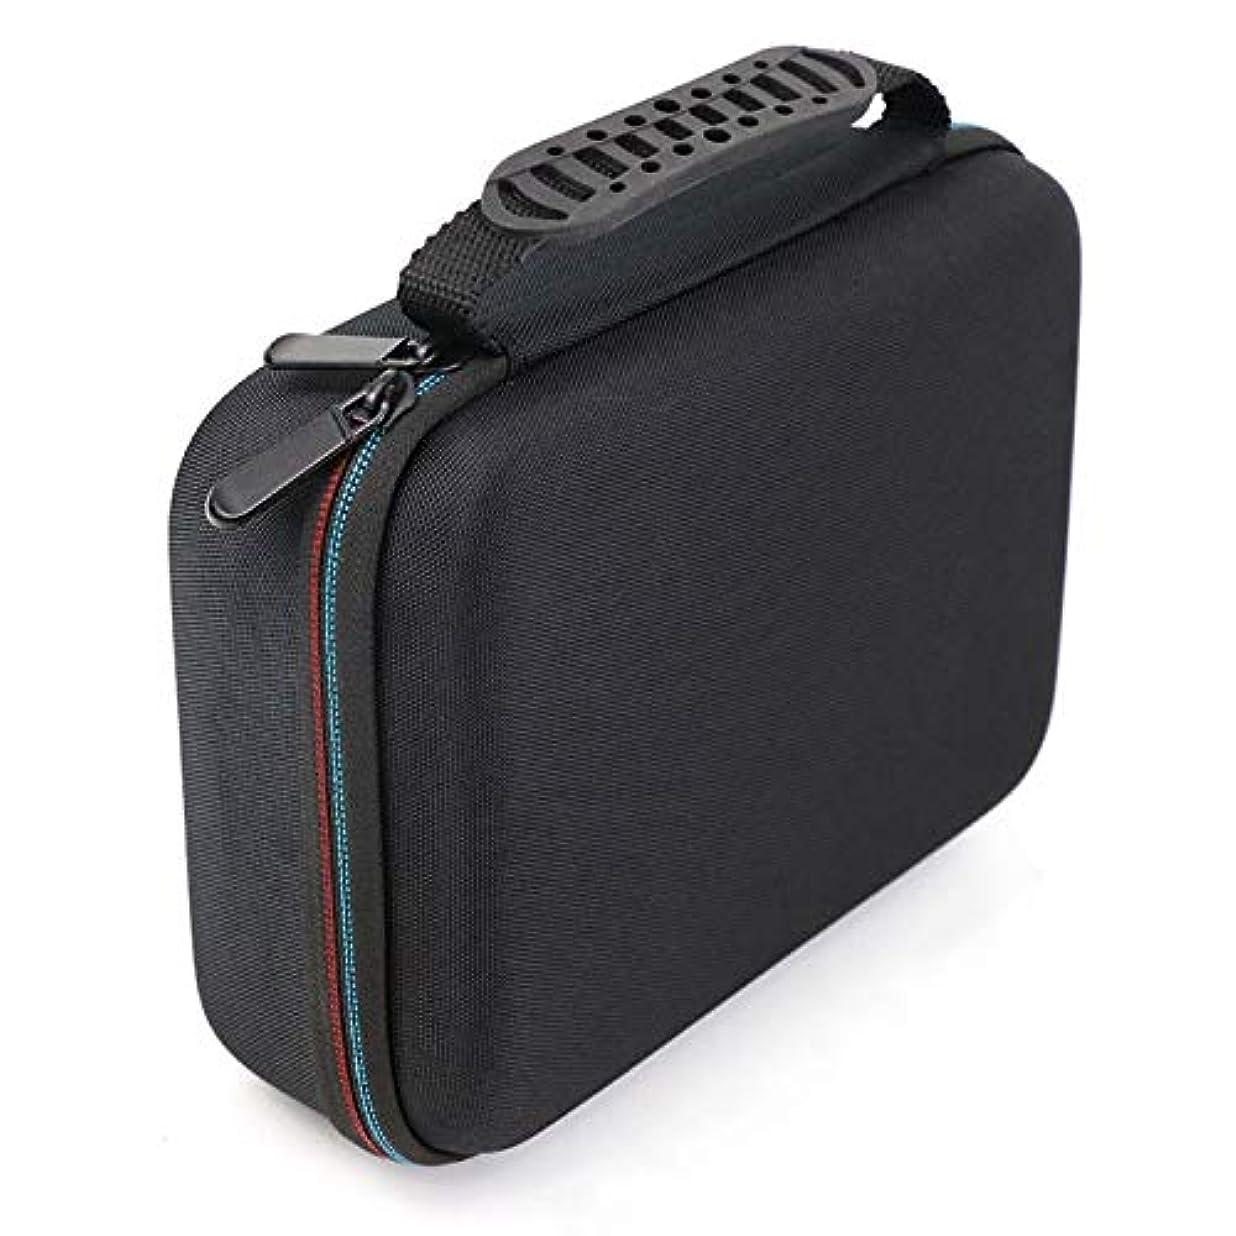 早くパンチ間違えたGaoominy バリカンの収納ケース、携帯用ケース、耐衝撃バッグ、シェーバーのキット、Evaハードケース、収納バッグ、 Mgk3020/3060/3080用